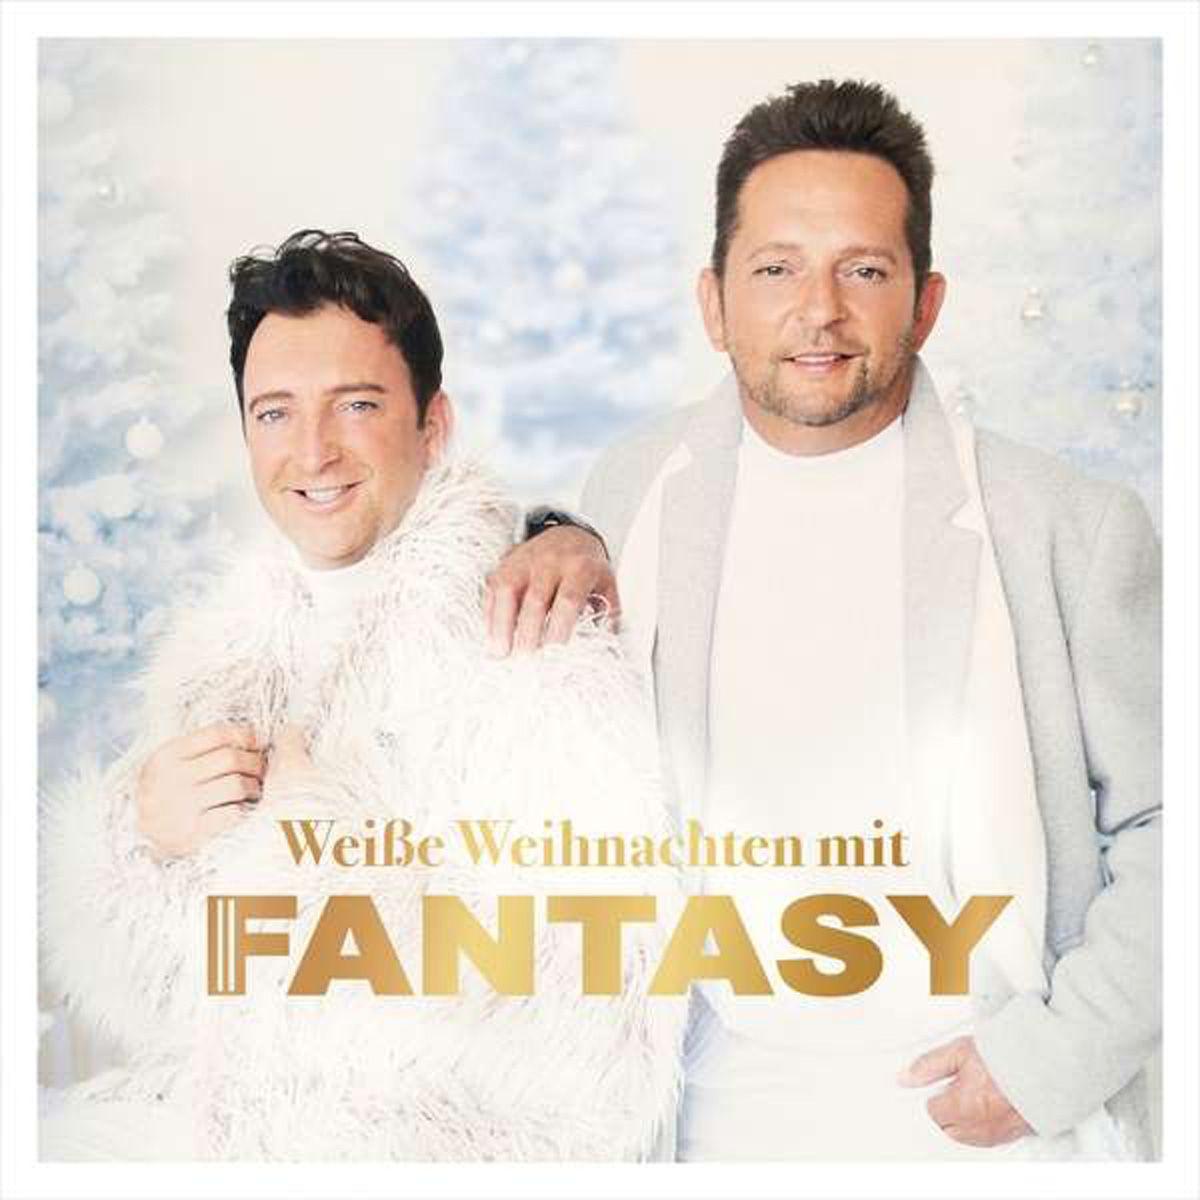 Oh, du Fröhliche! – Die Weihnachtssongs 2020